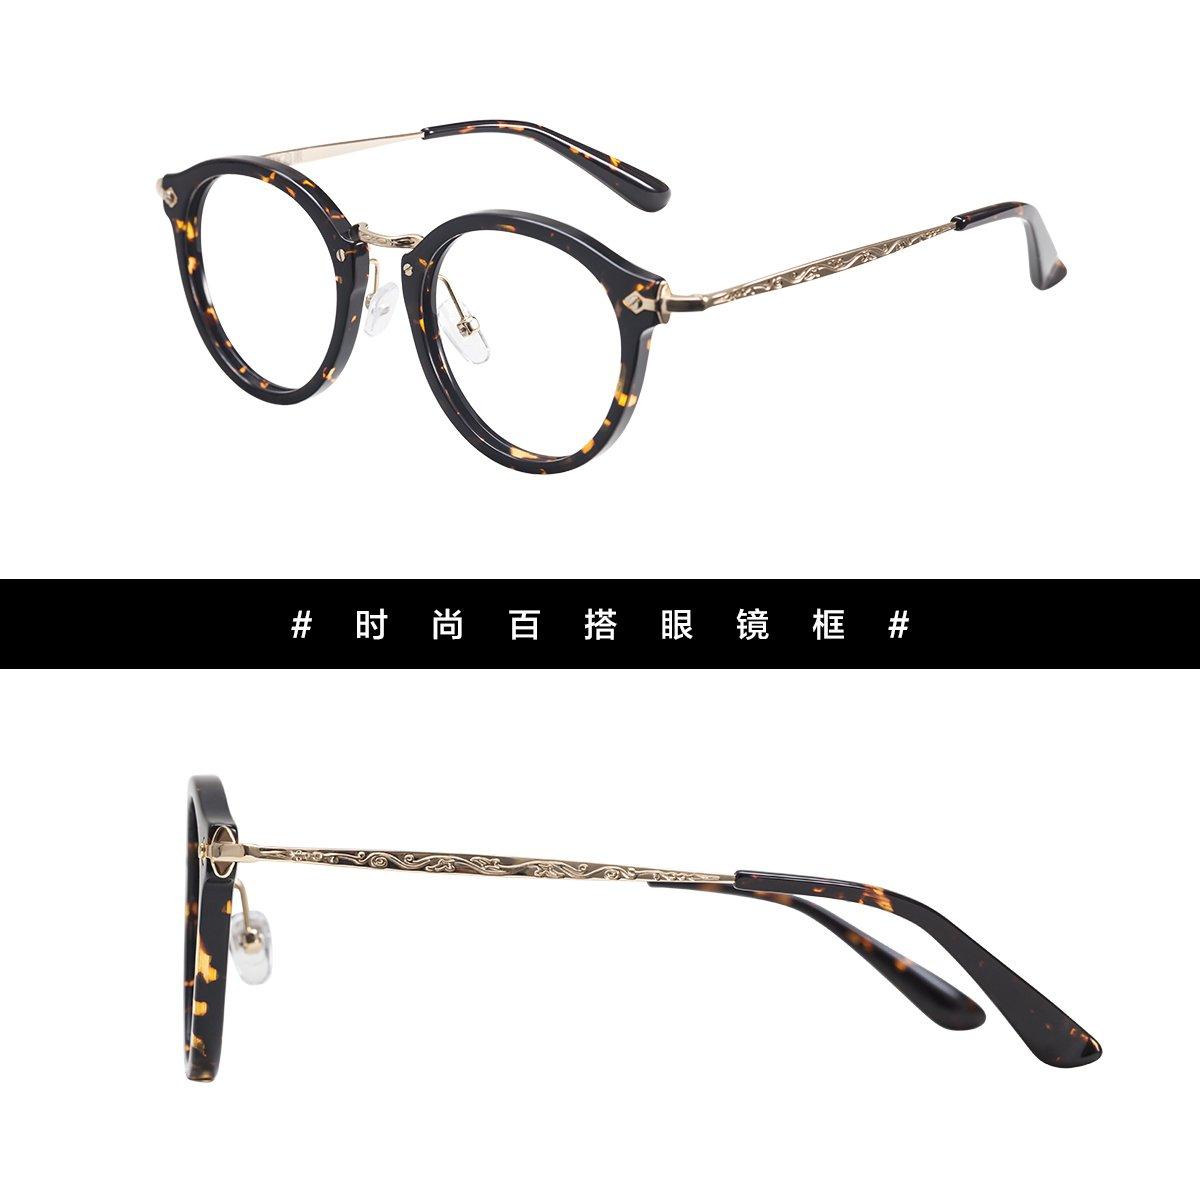 音米in mix时尚眼镜专场音米新款板材圆框复古大框框b